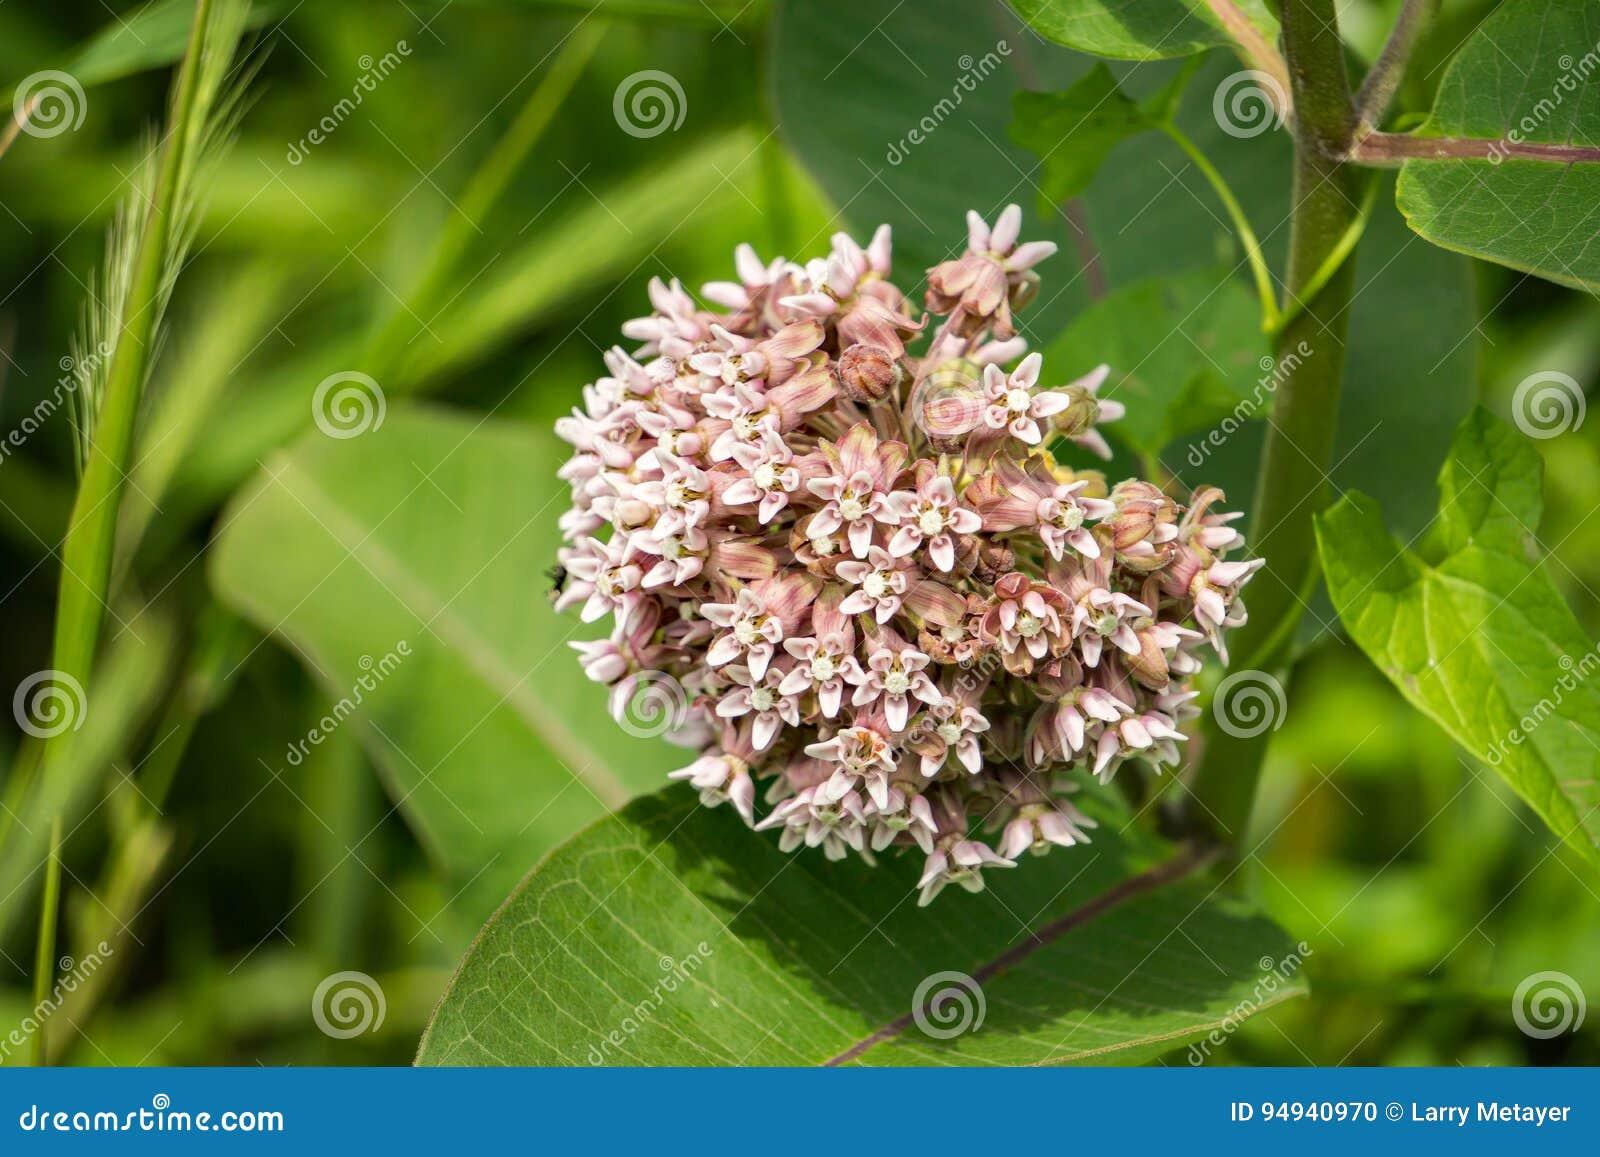 Syriaca Asclepias общего †Milkweed «